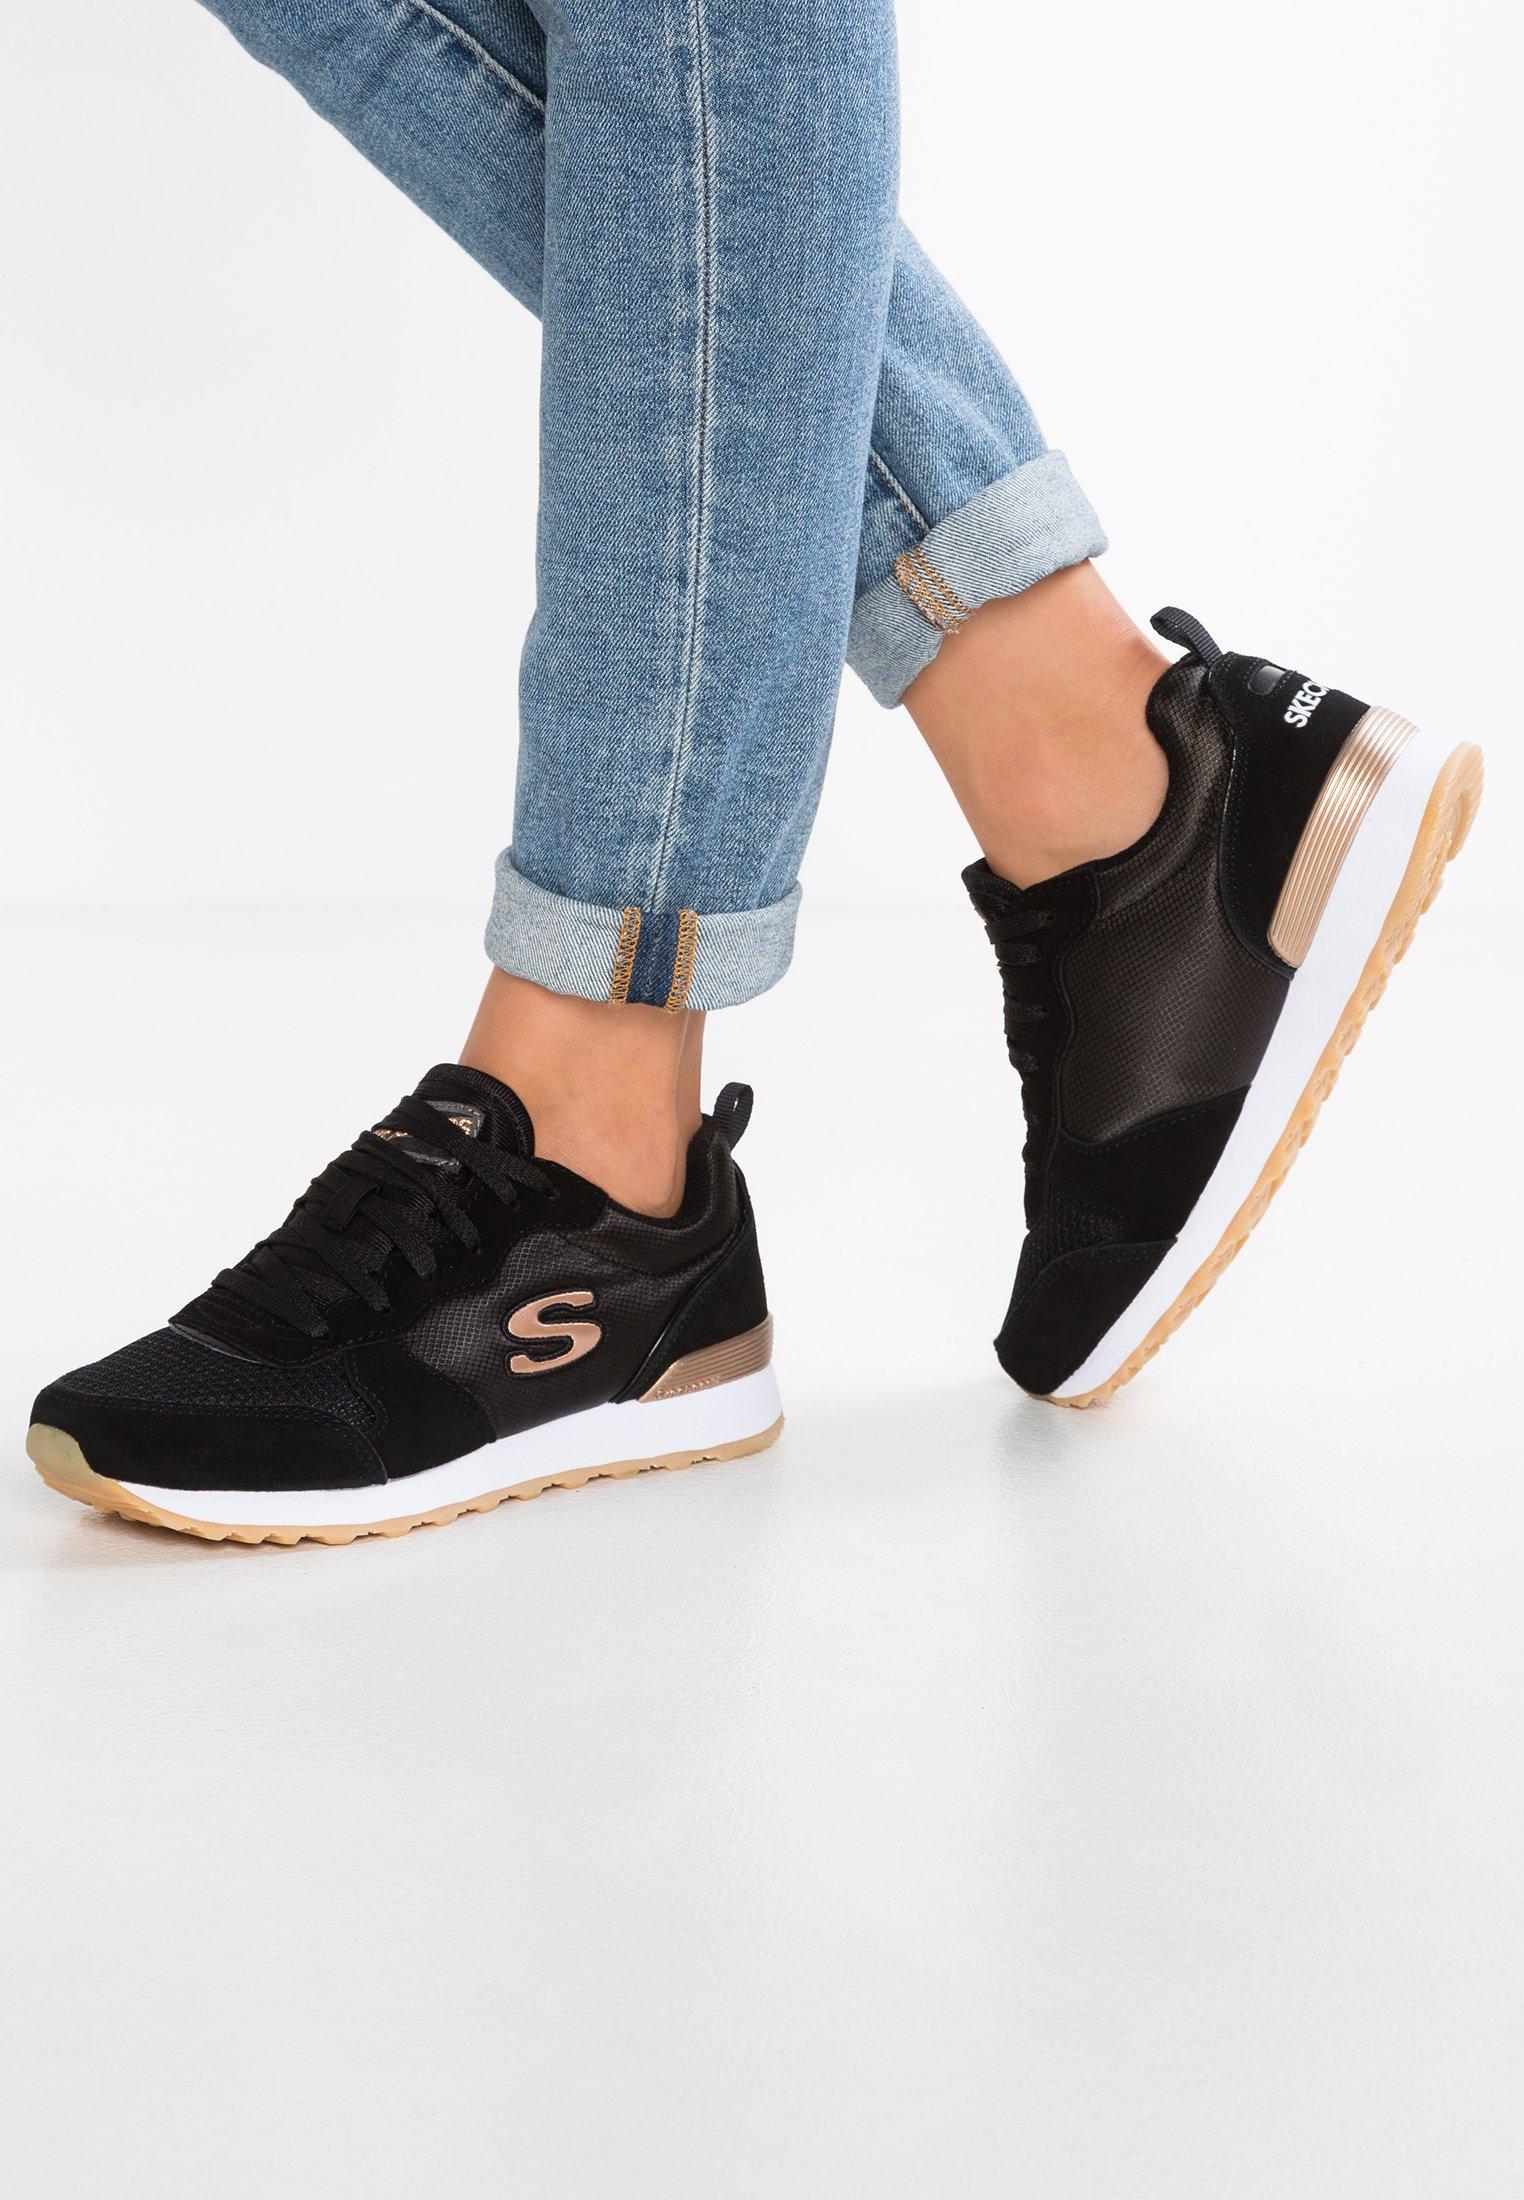 Zapatos y ropa online | La mejor selección en Zalando